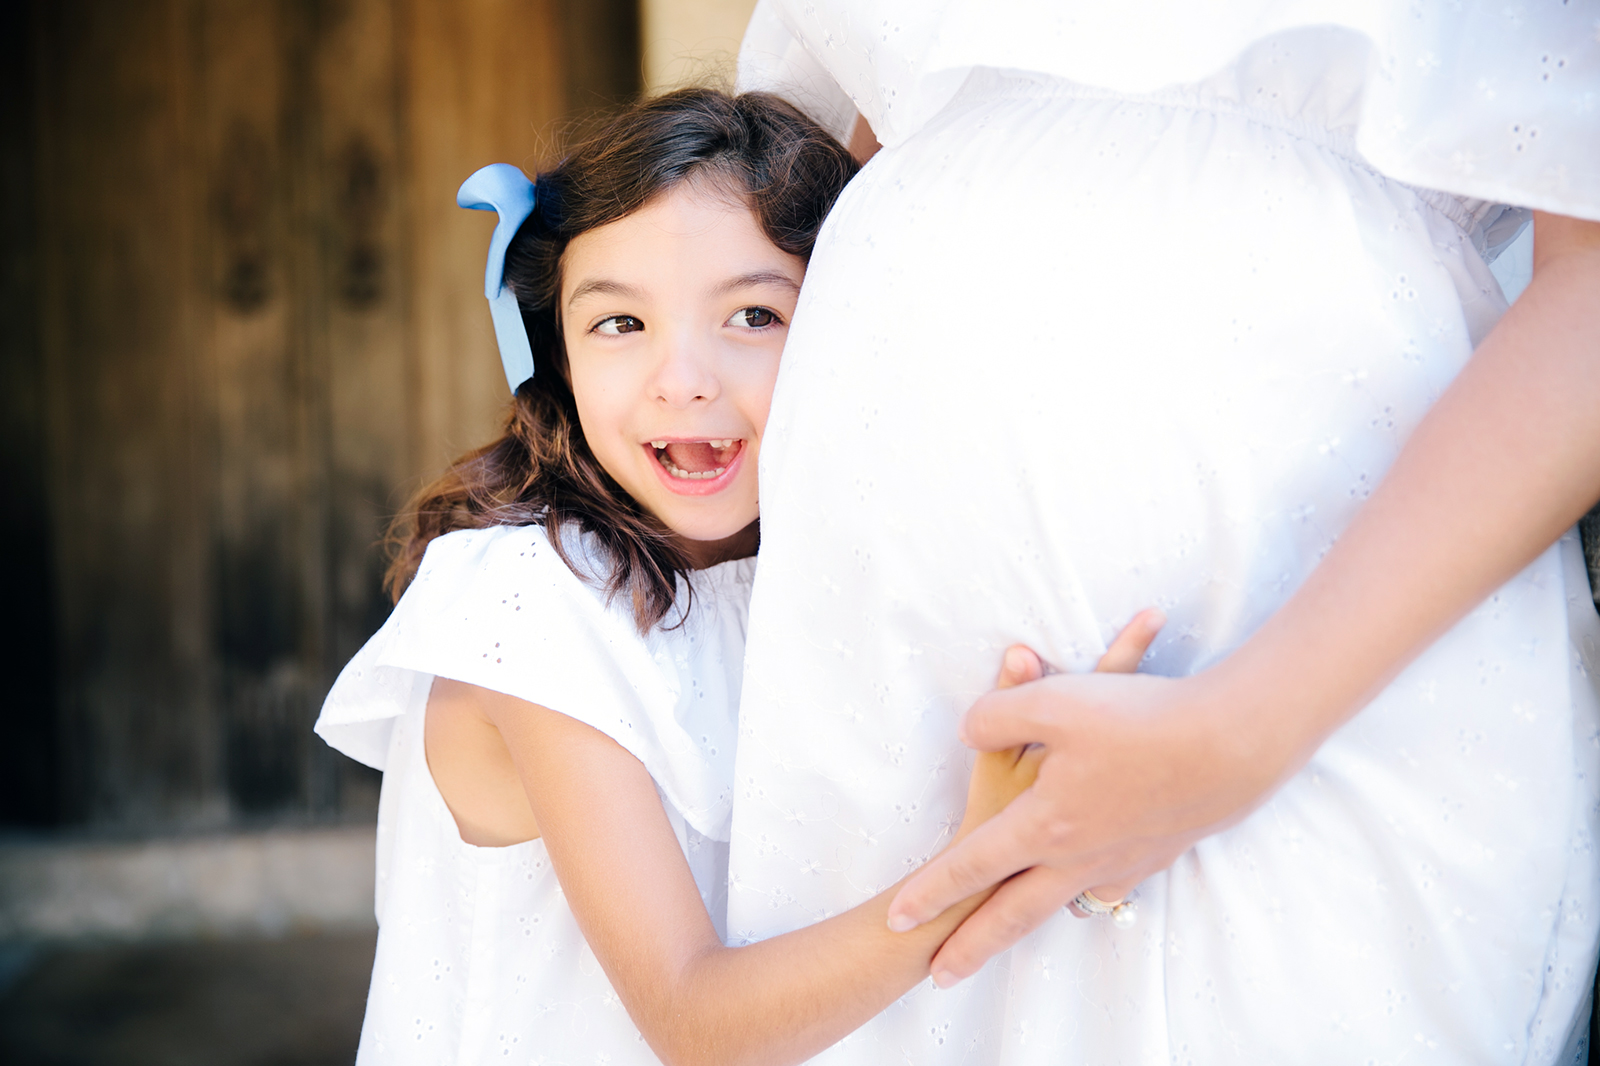 Criança abraçar barriga grávida